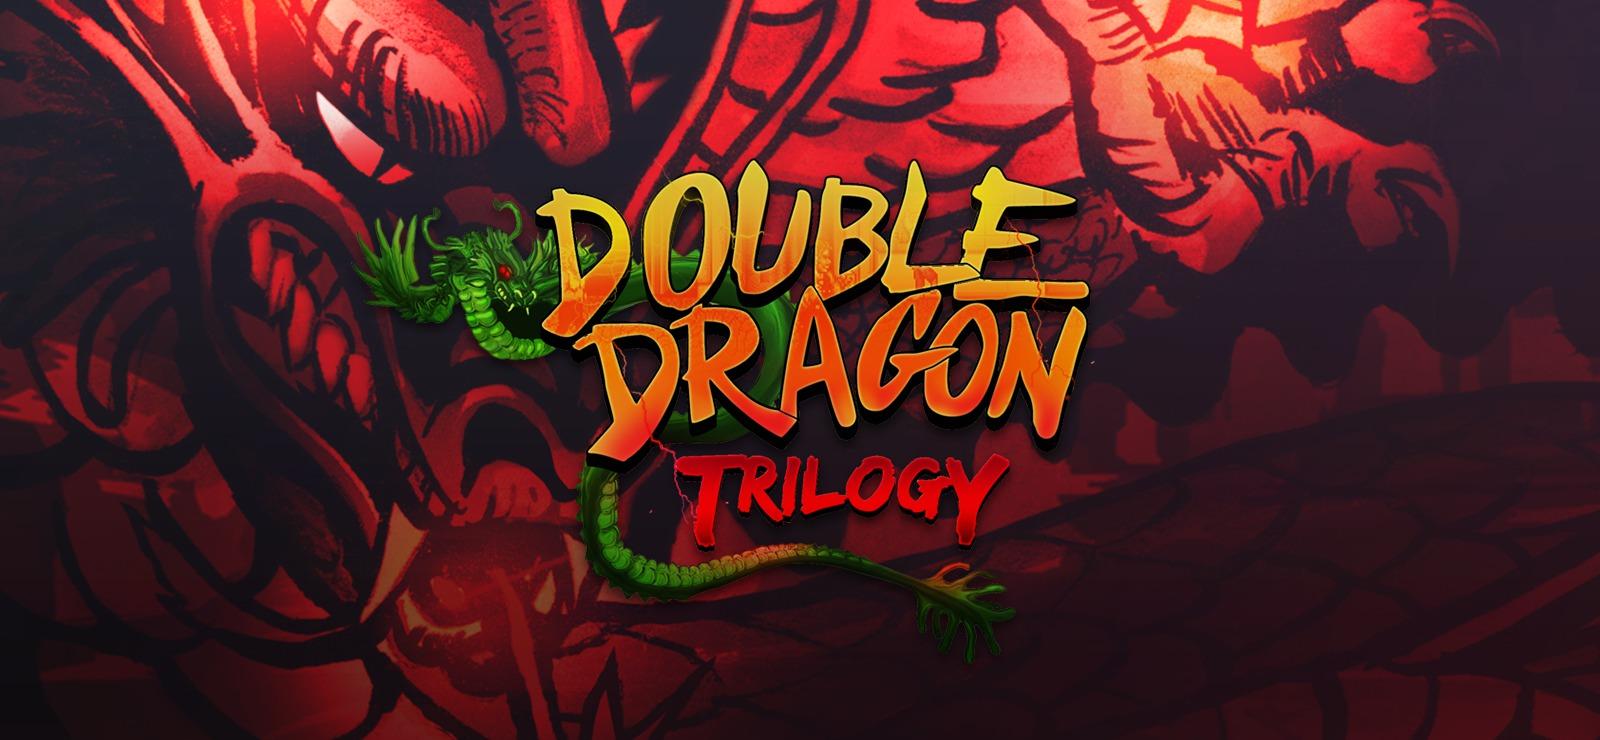 papka-foto-top-20-populyarnykh-8-bitnykh-igr-dlya-android-double-dragon-trilogy